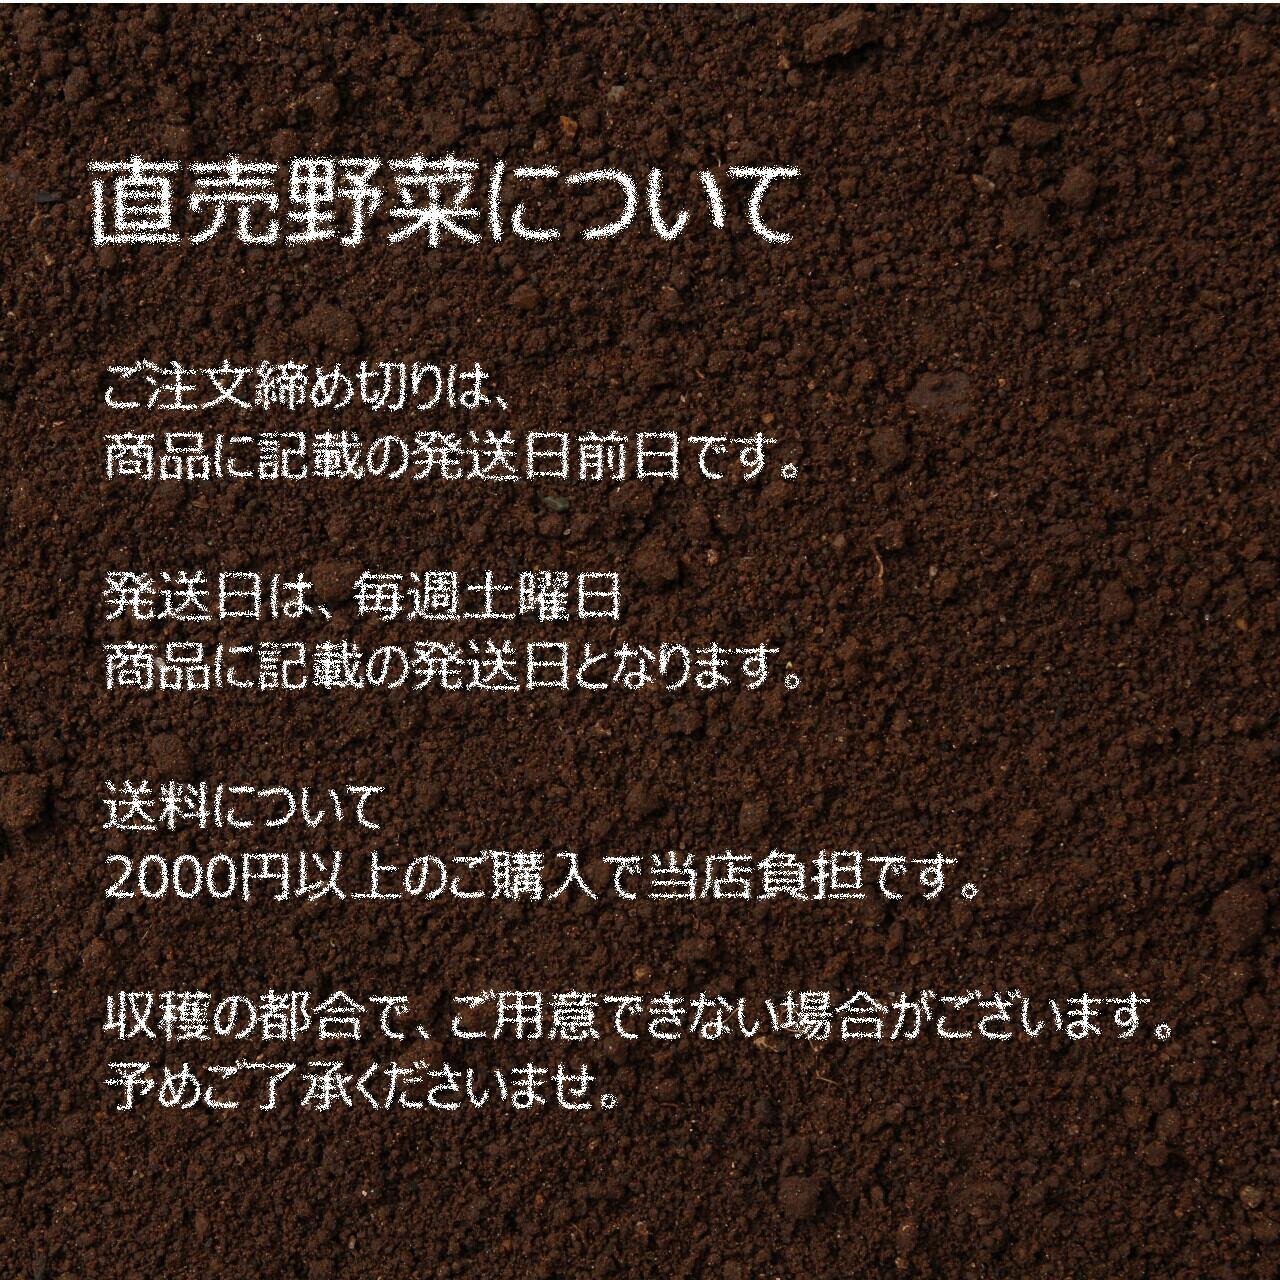 インゲン 約200g  朝採り直売野菜 : 7月の新鮮野菜  7月10日発送予定